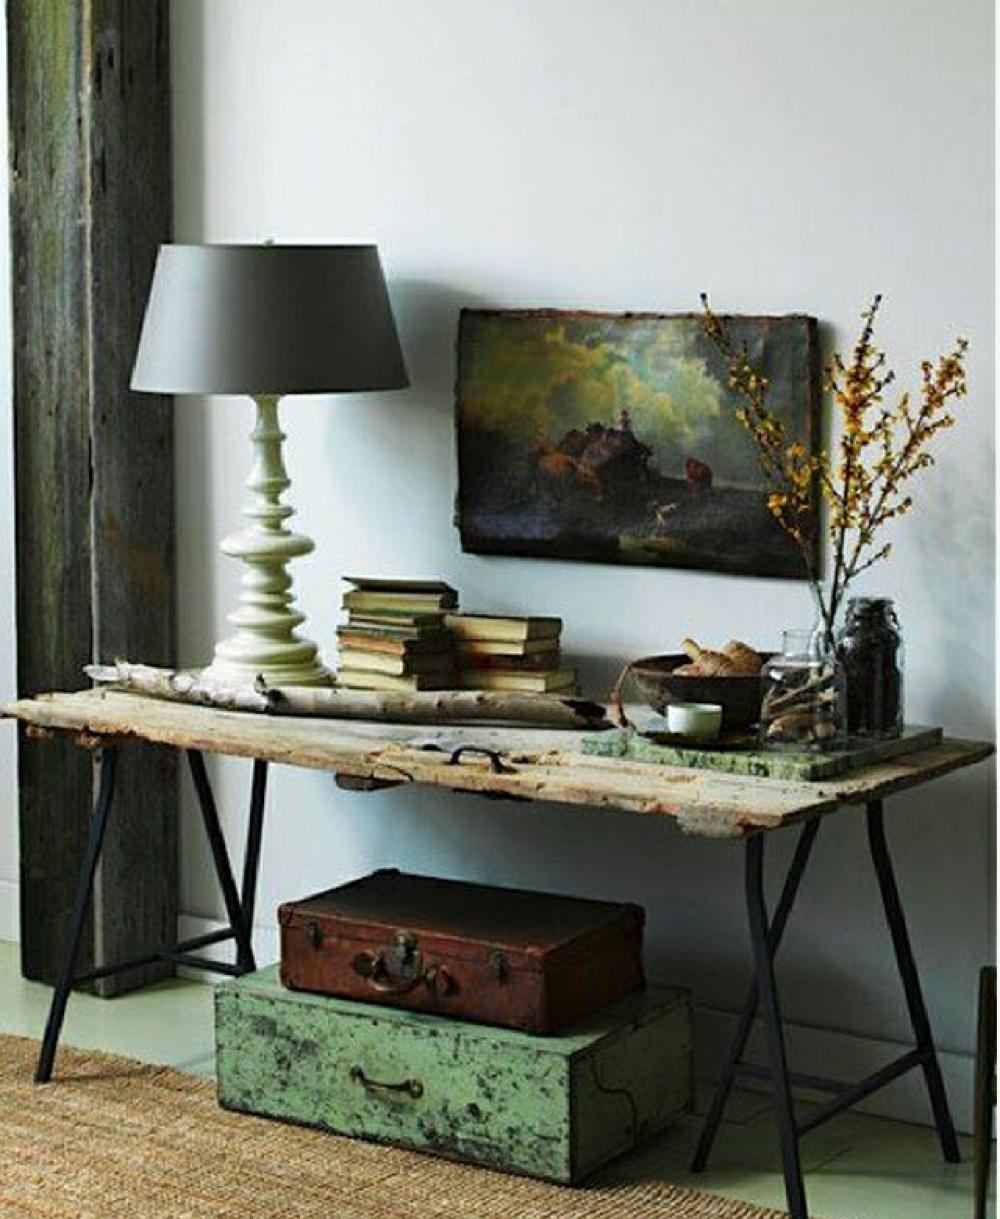 Table de salle manger originale et personnalisable - Treteaux pour table salle manger ...